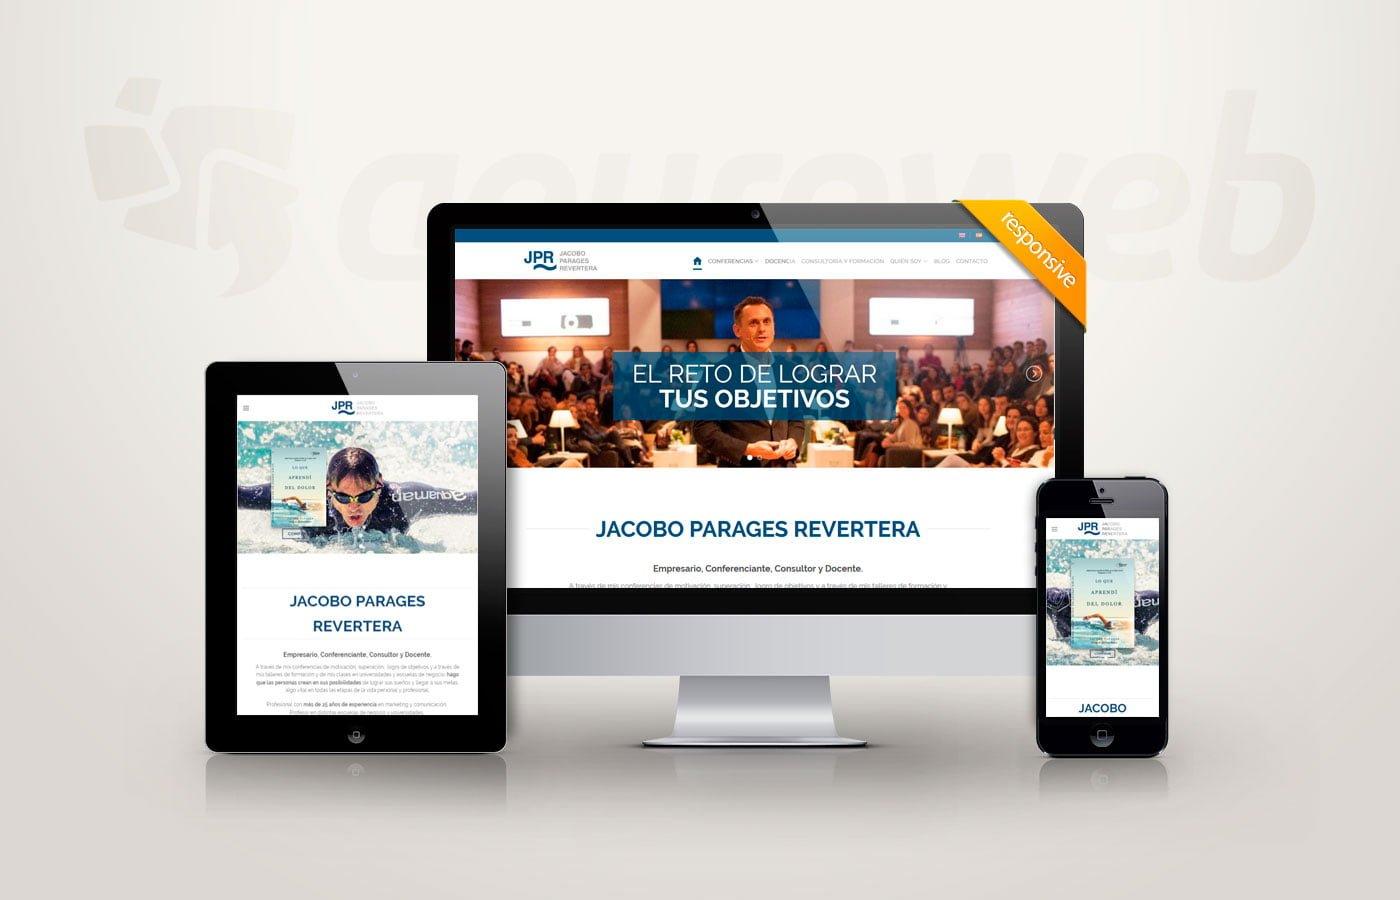 jacobo-parages-portfolio-aeuroweb